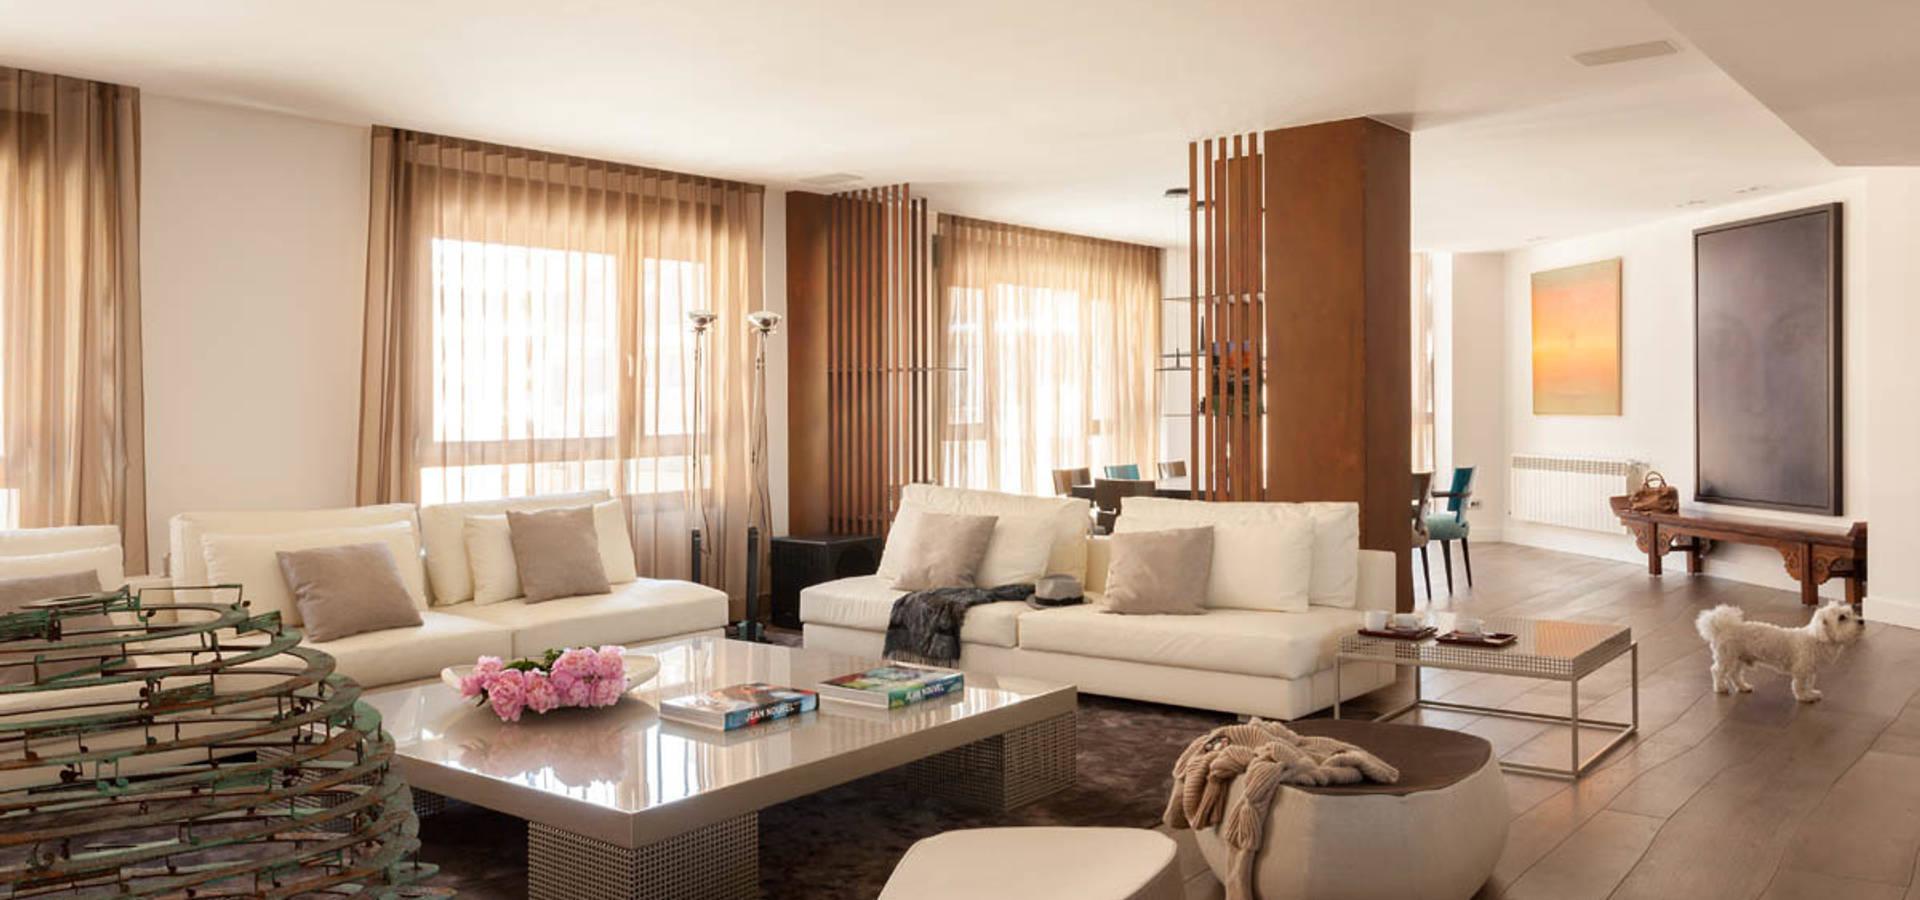 Ester sanchez lastra arquitectos de interiores en madrid homify - Arquitecto de interiores madrid ...